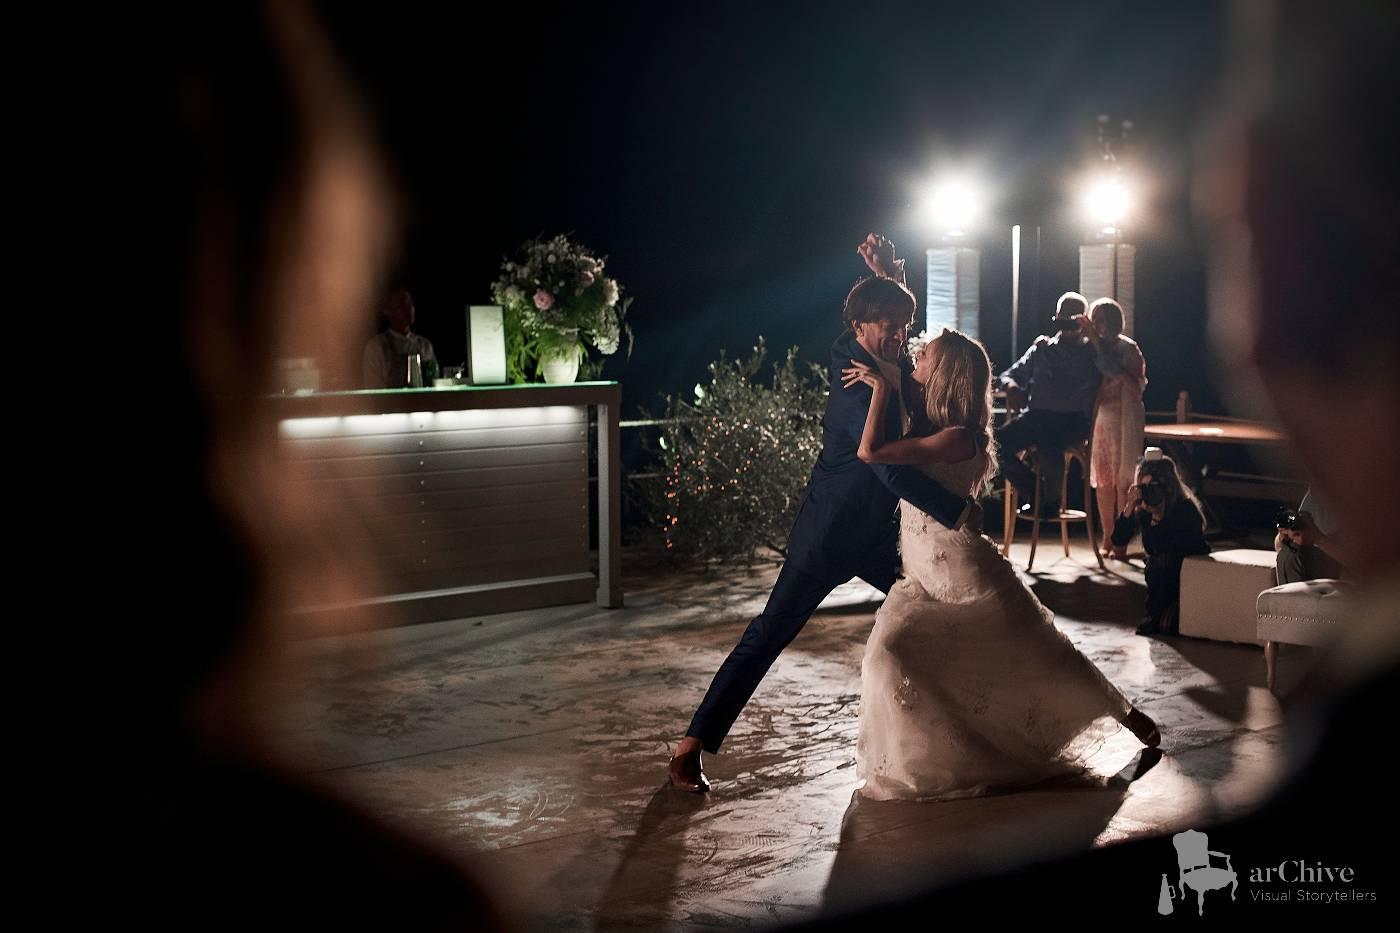 markos machairopoulos wedding